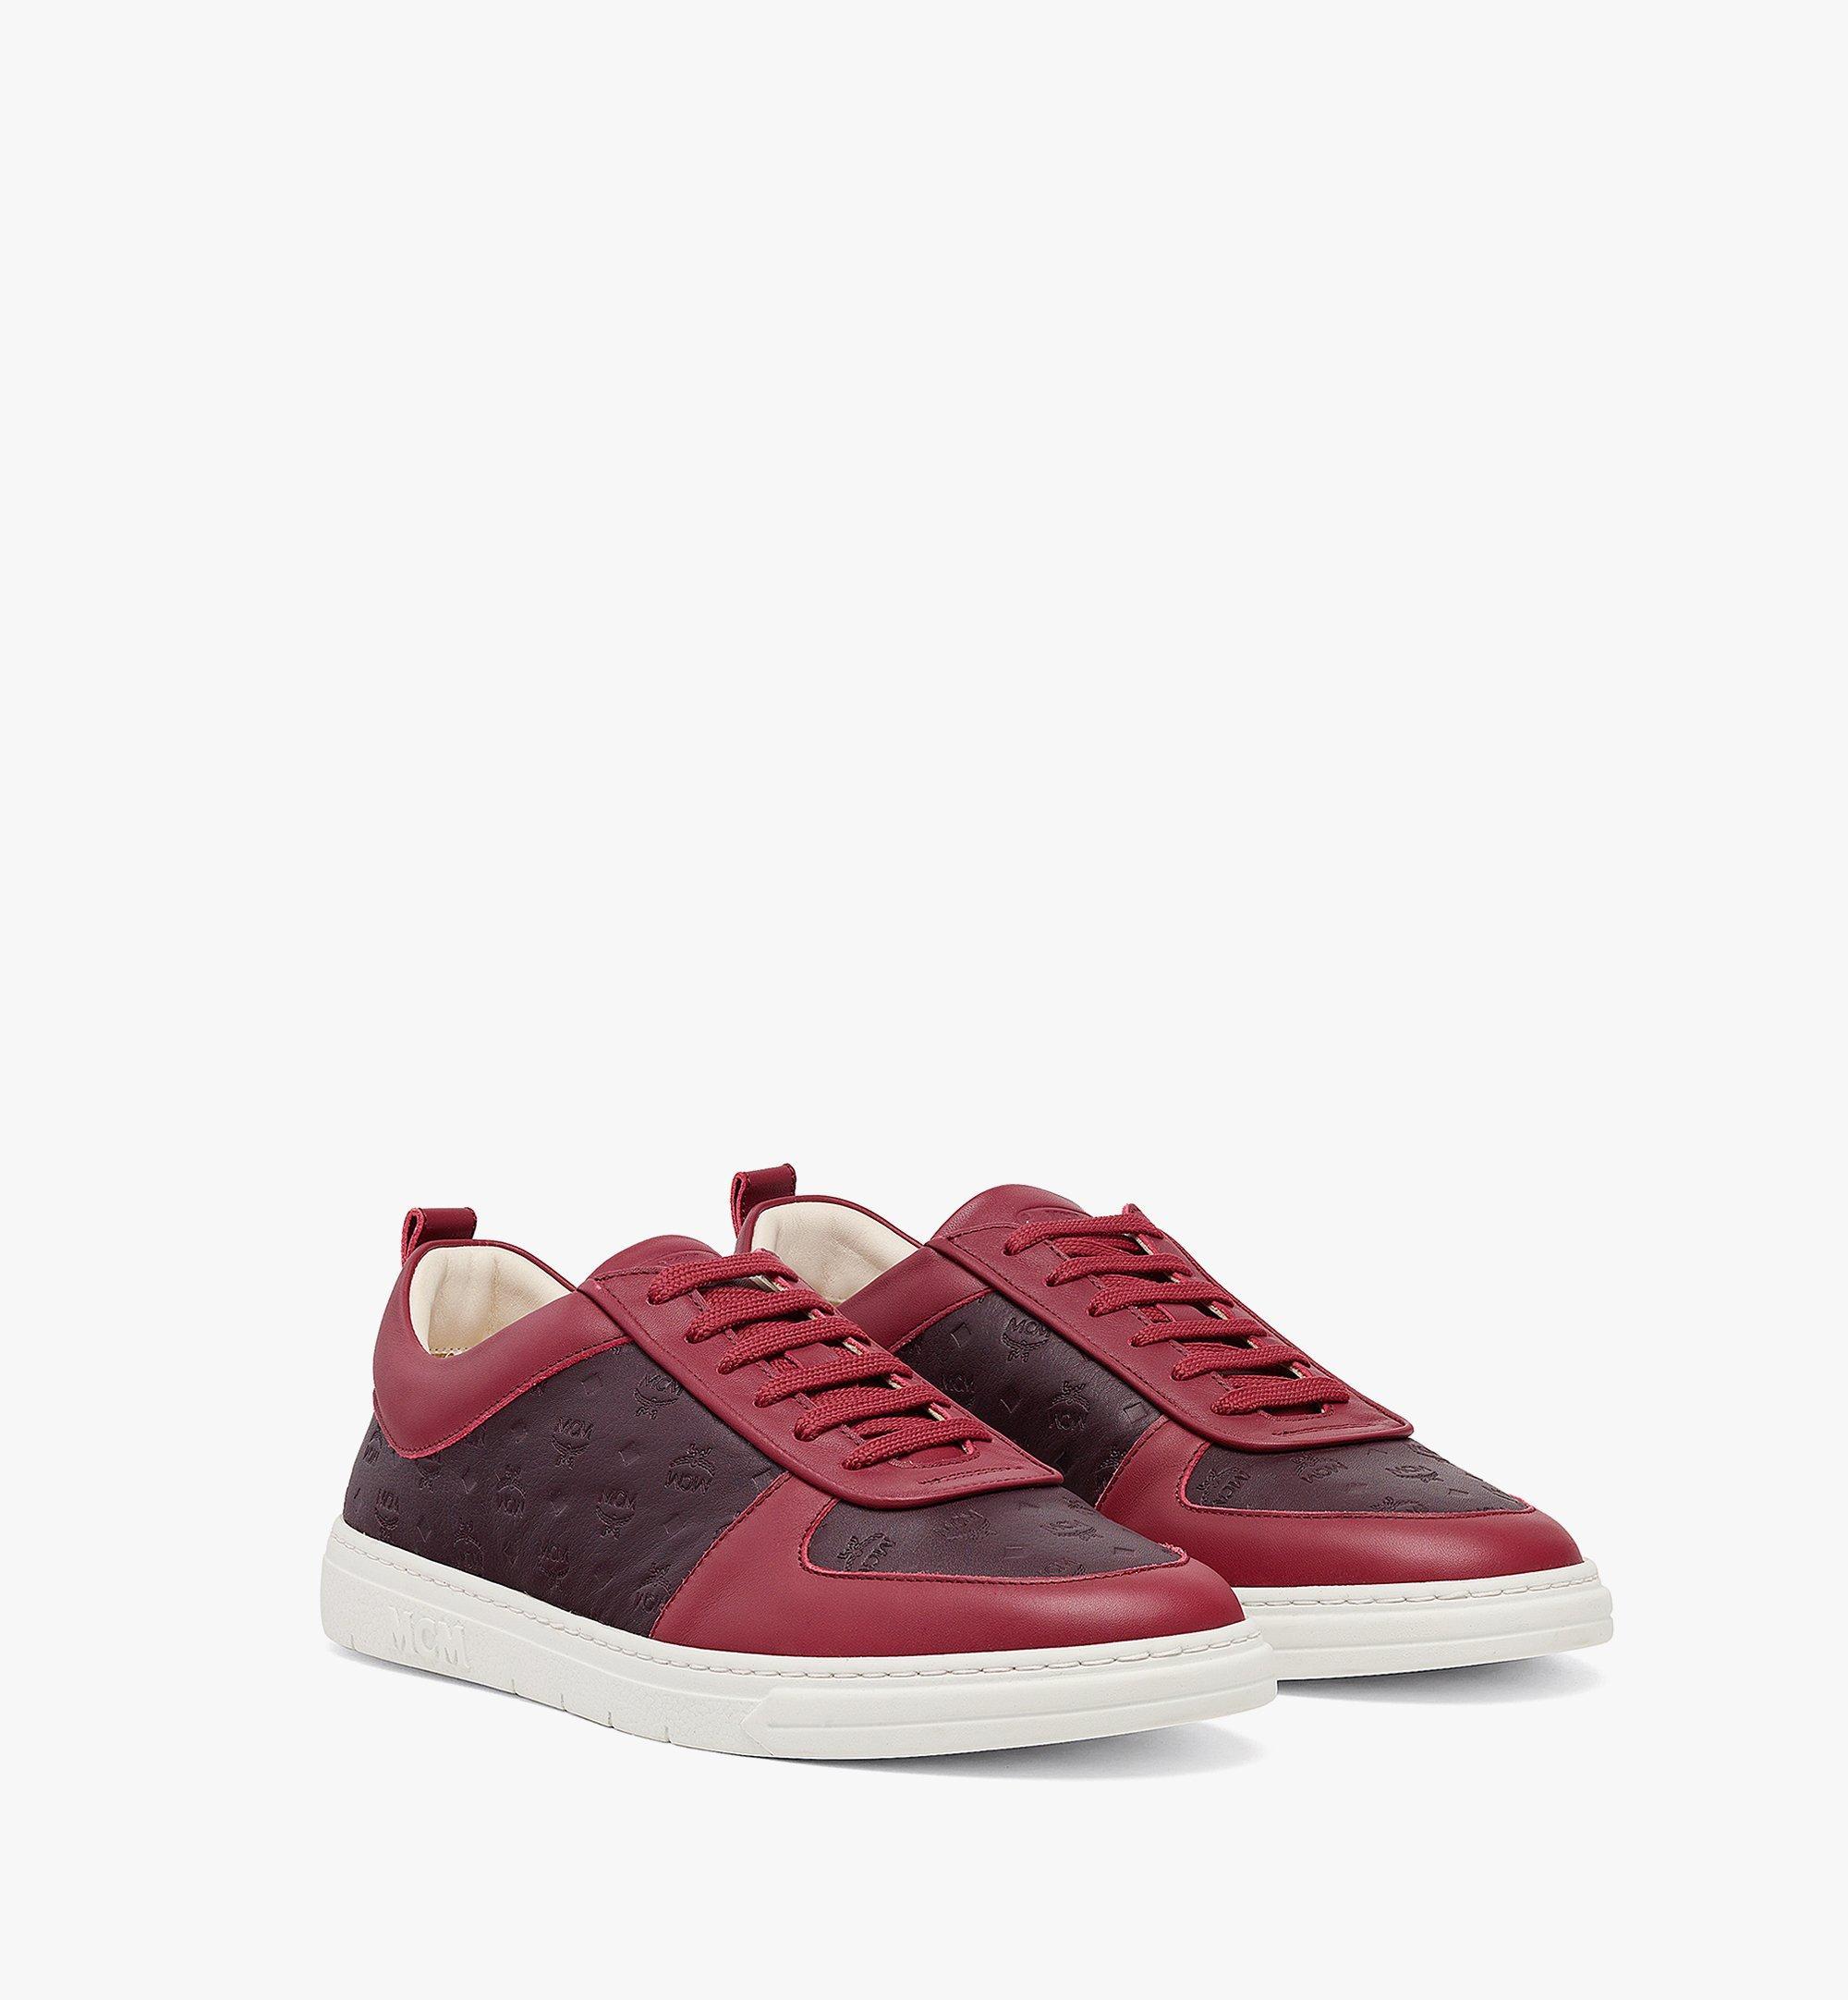 MCM Men's Sustainable Terrain Lo Sneakers in Monogram Leather Brown MEXBAMM01N9041 Alternate View 1